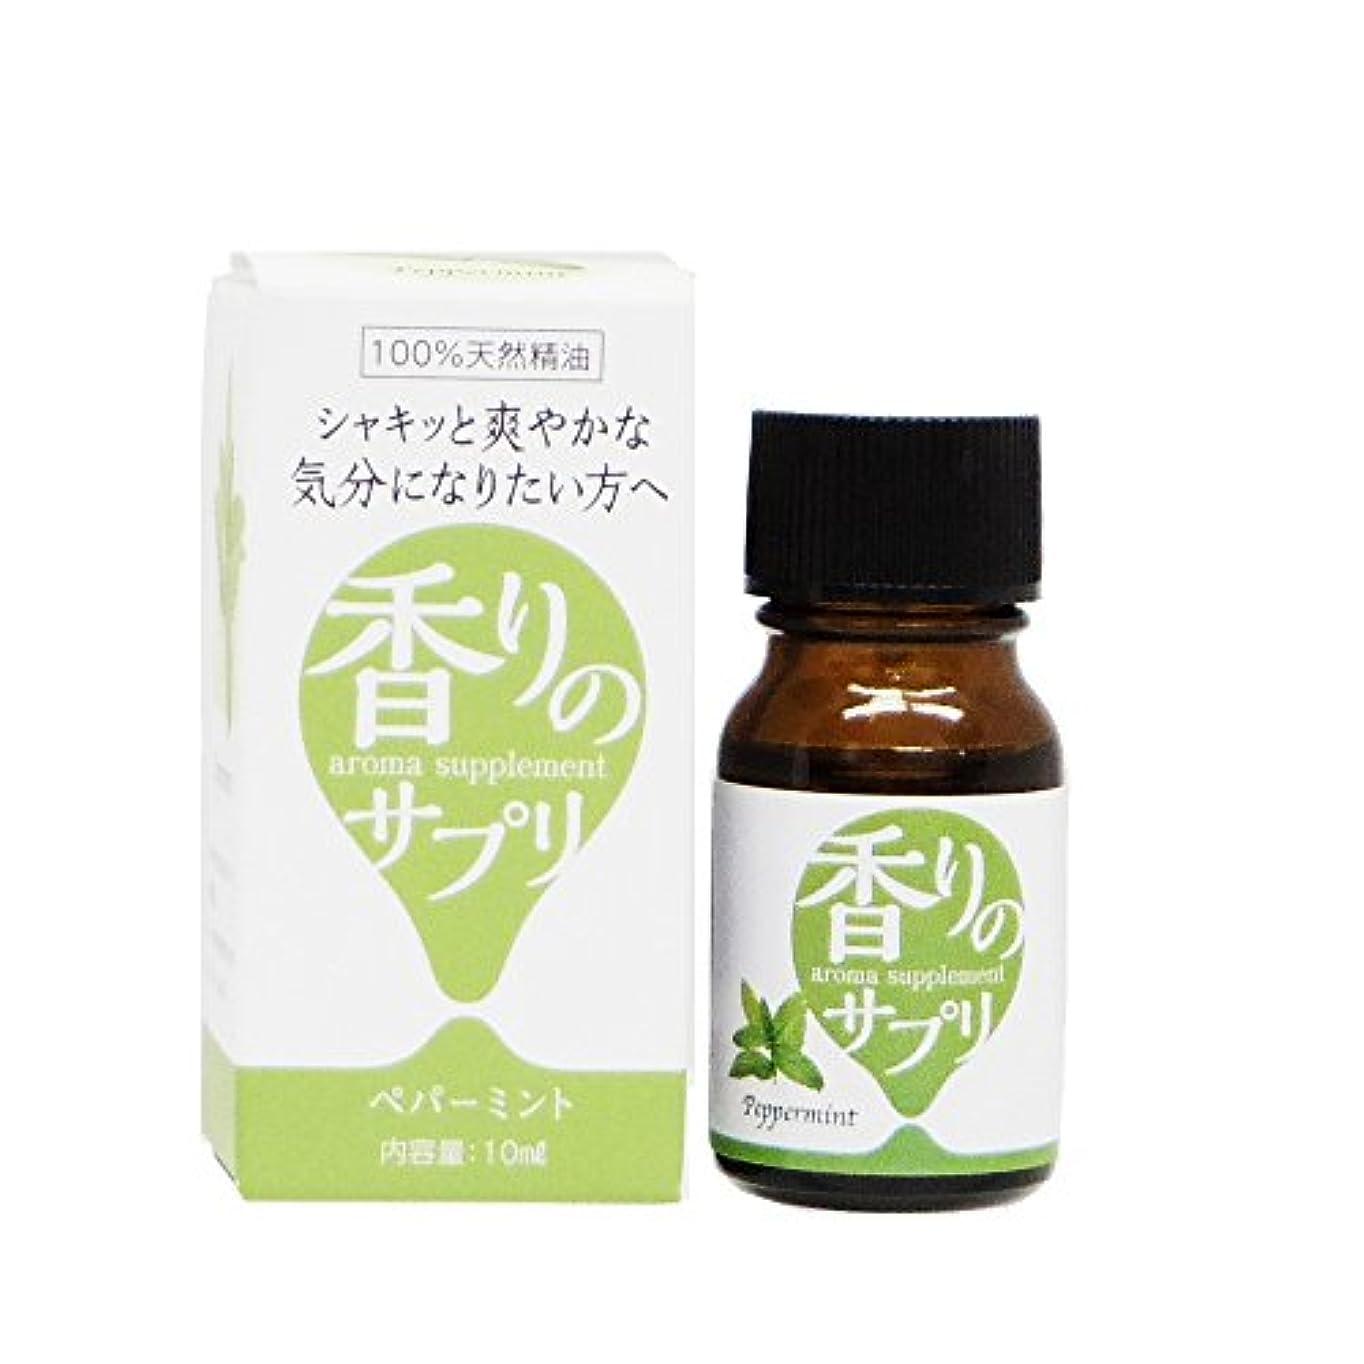 定期的に許される酔っ払い香りのサプリ ペパーミント エッセンシャルオイル10ml 384218